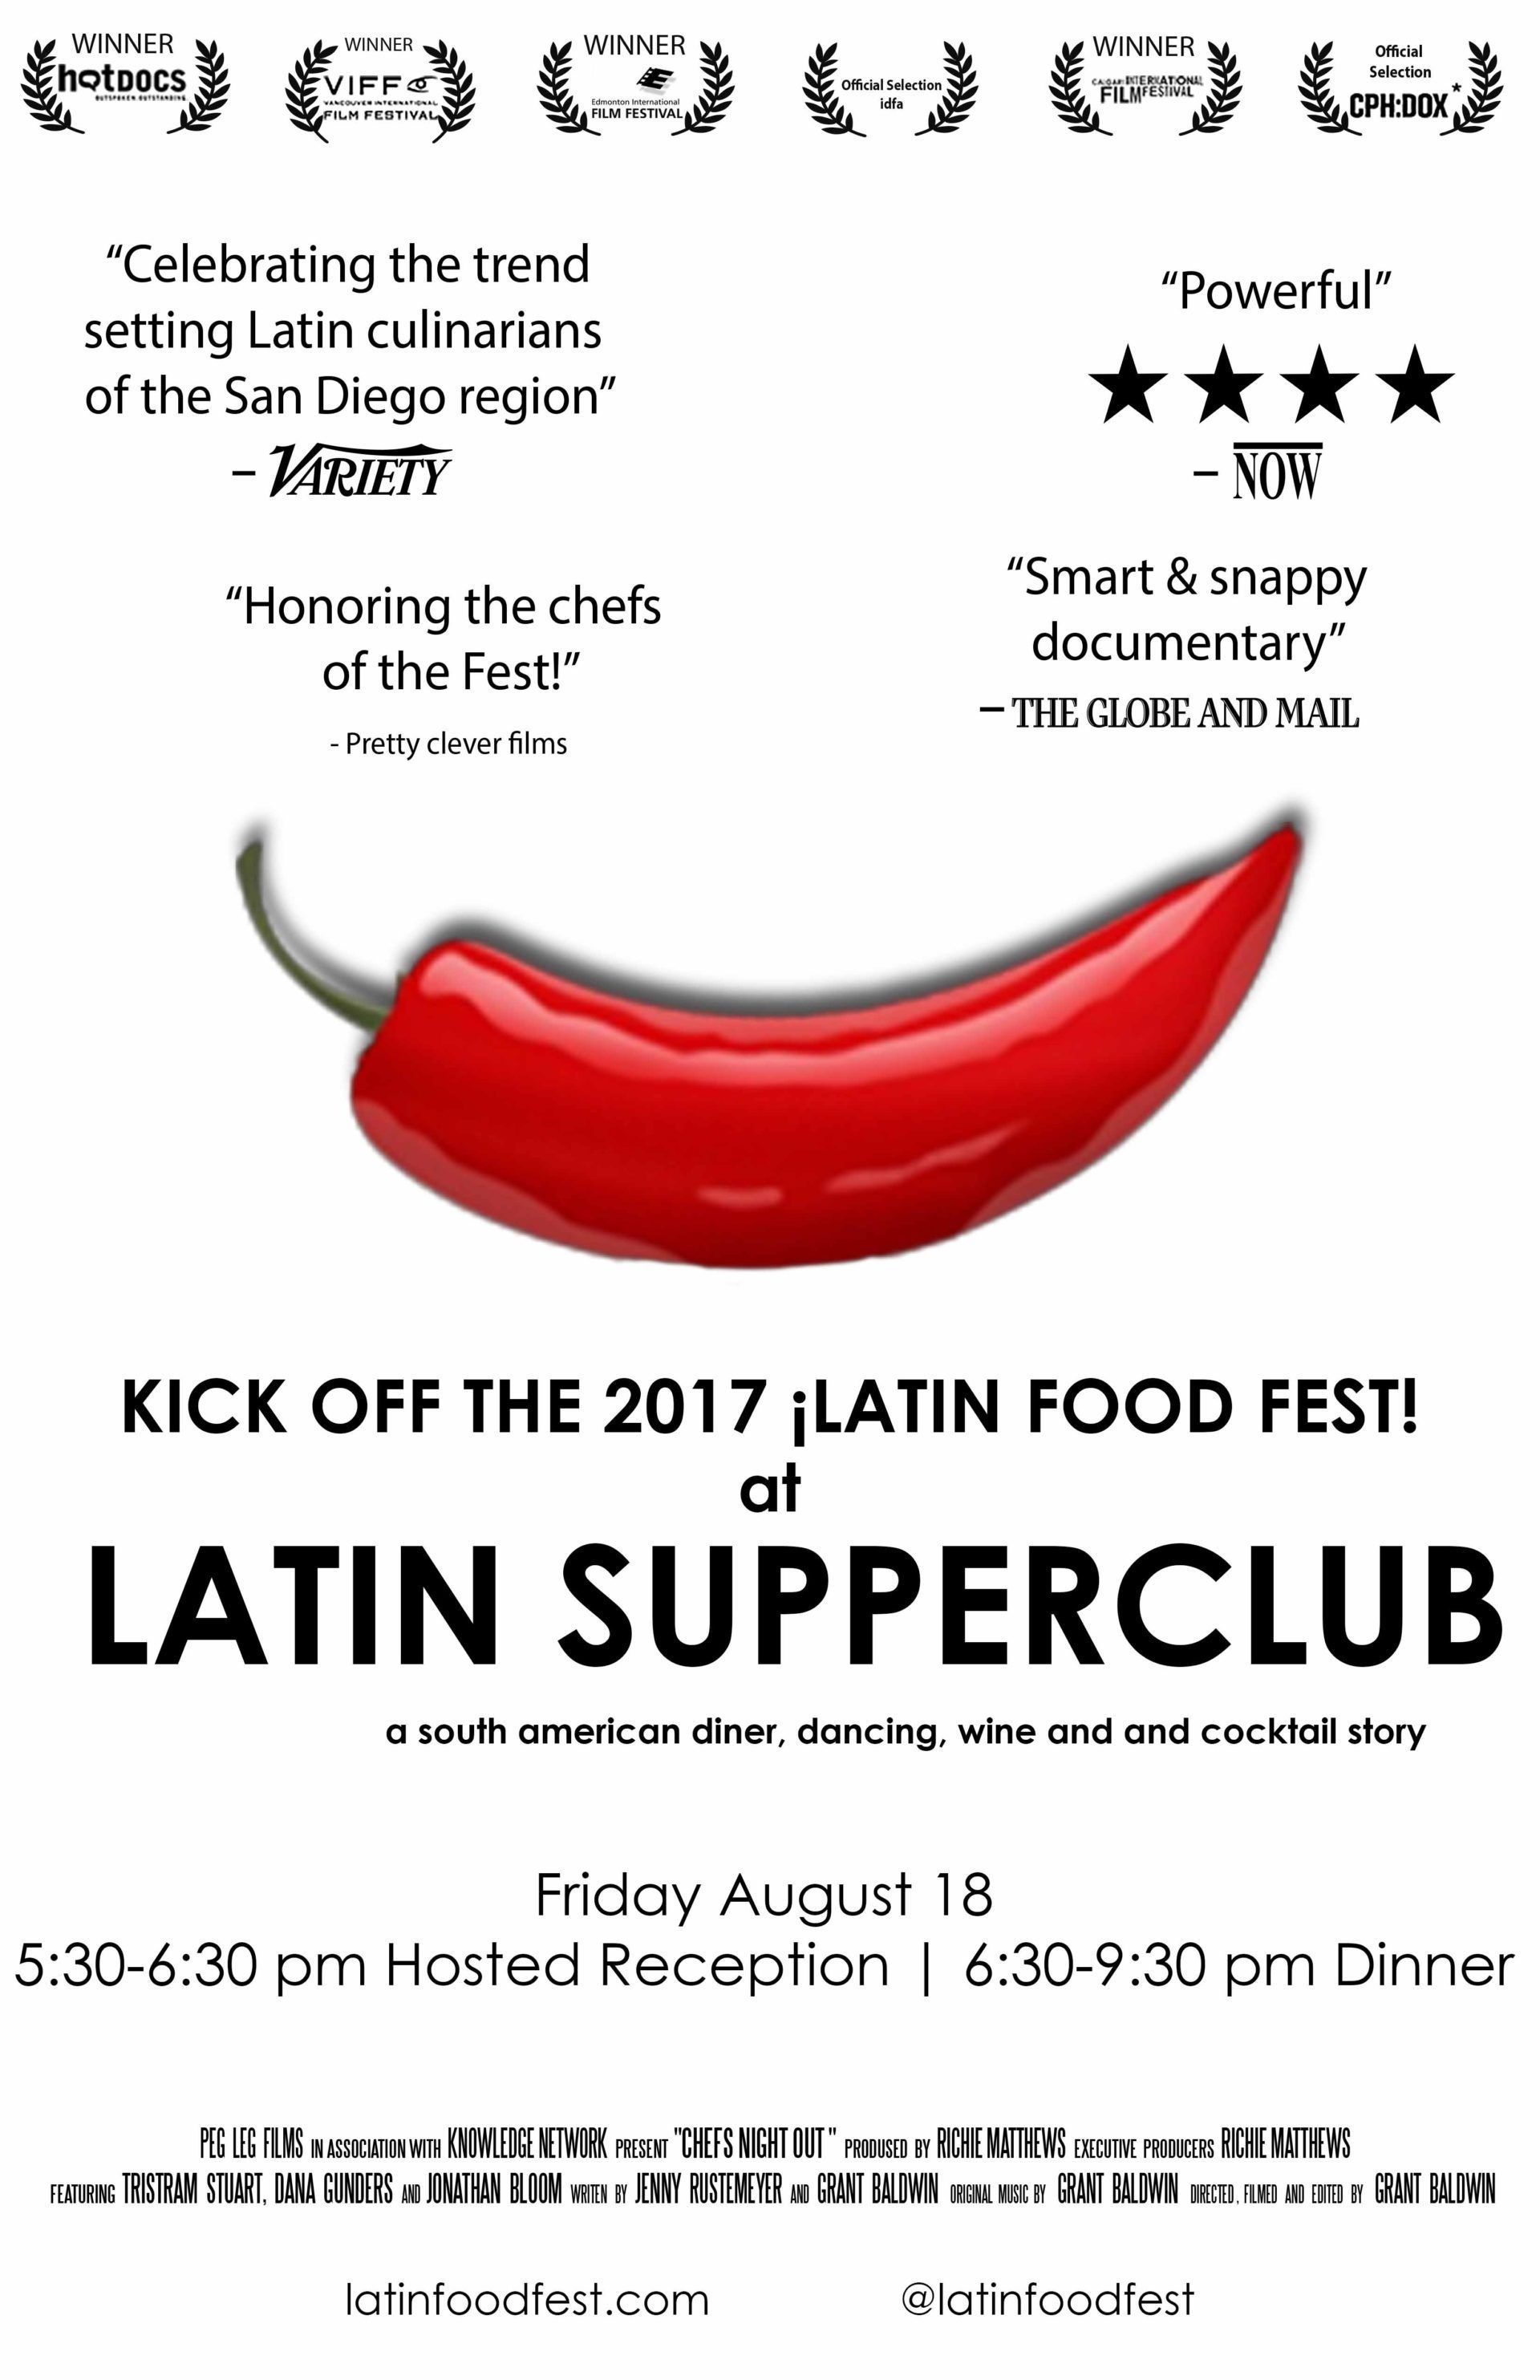 Begleiten Sie Weltbekannte Koche Zum Latin Supperclub Dinner Im Rahmen Von 2017 Lati 2020